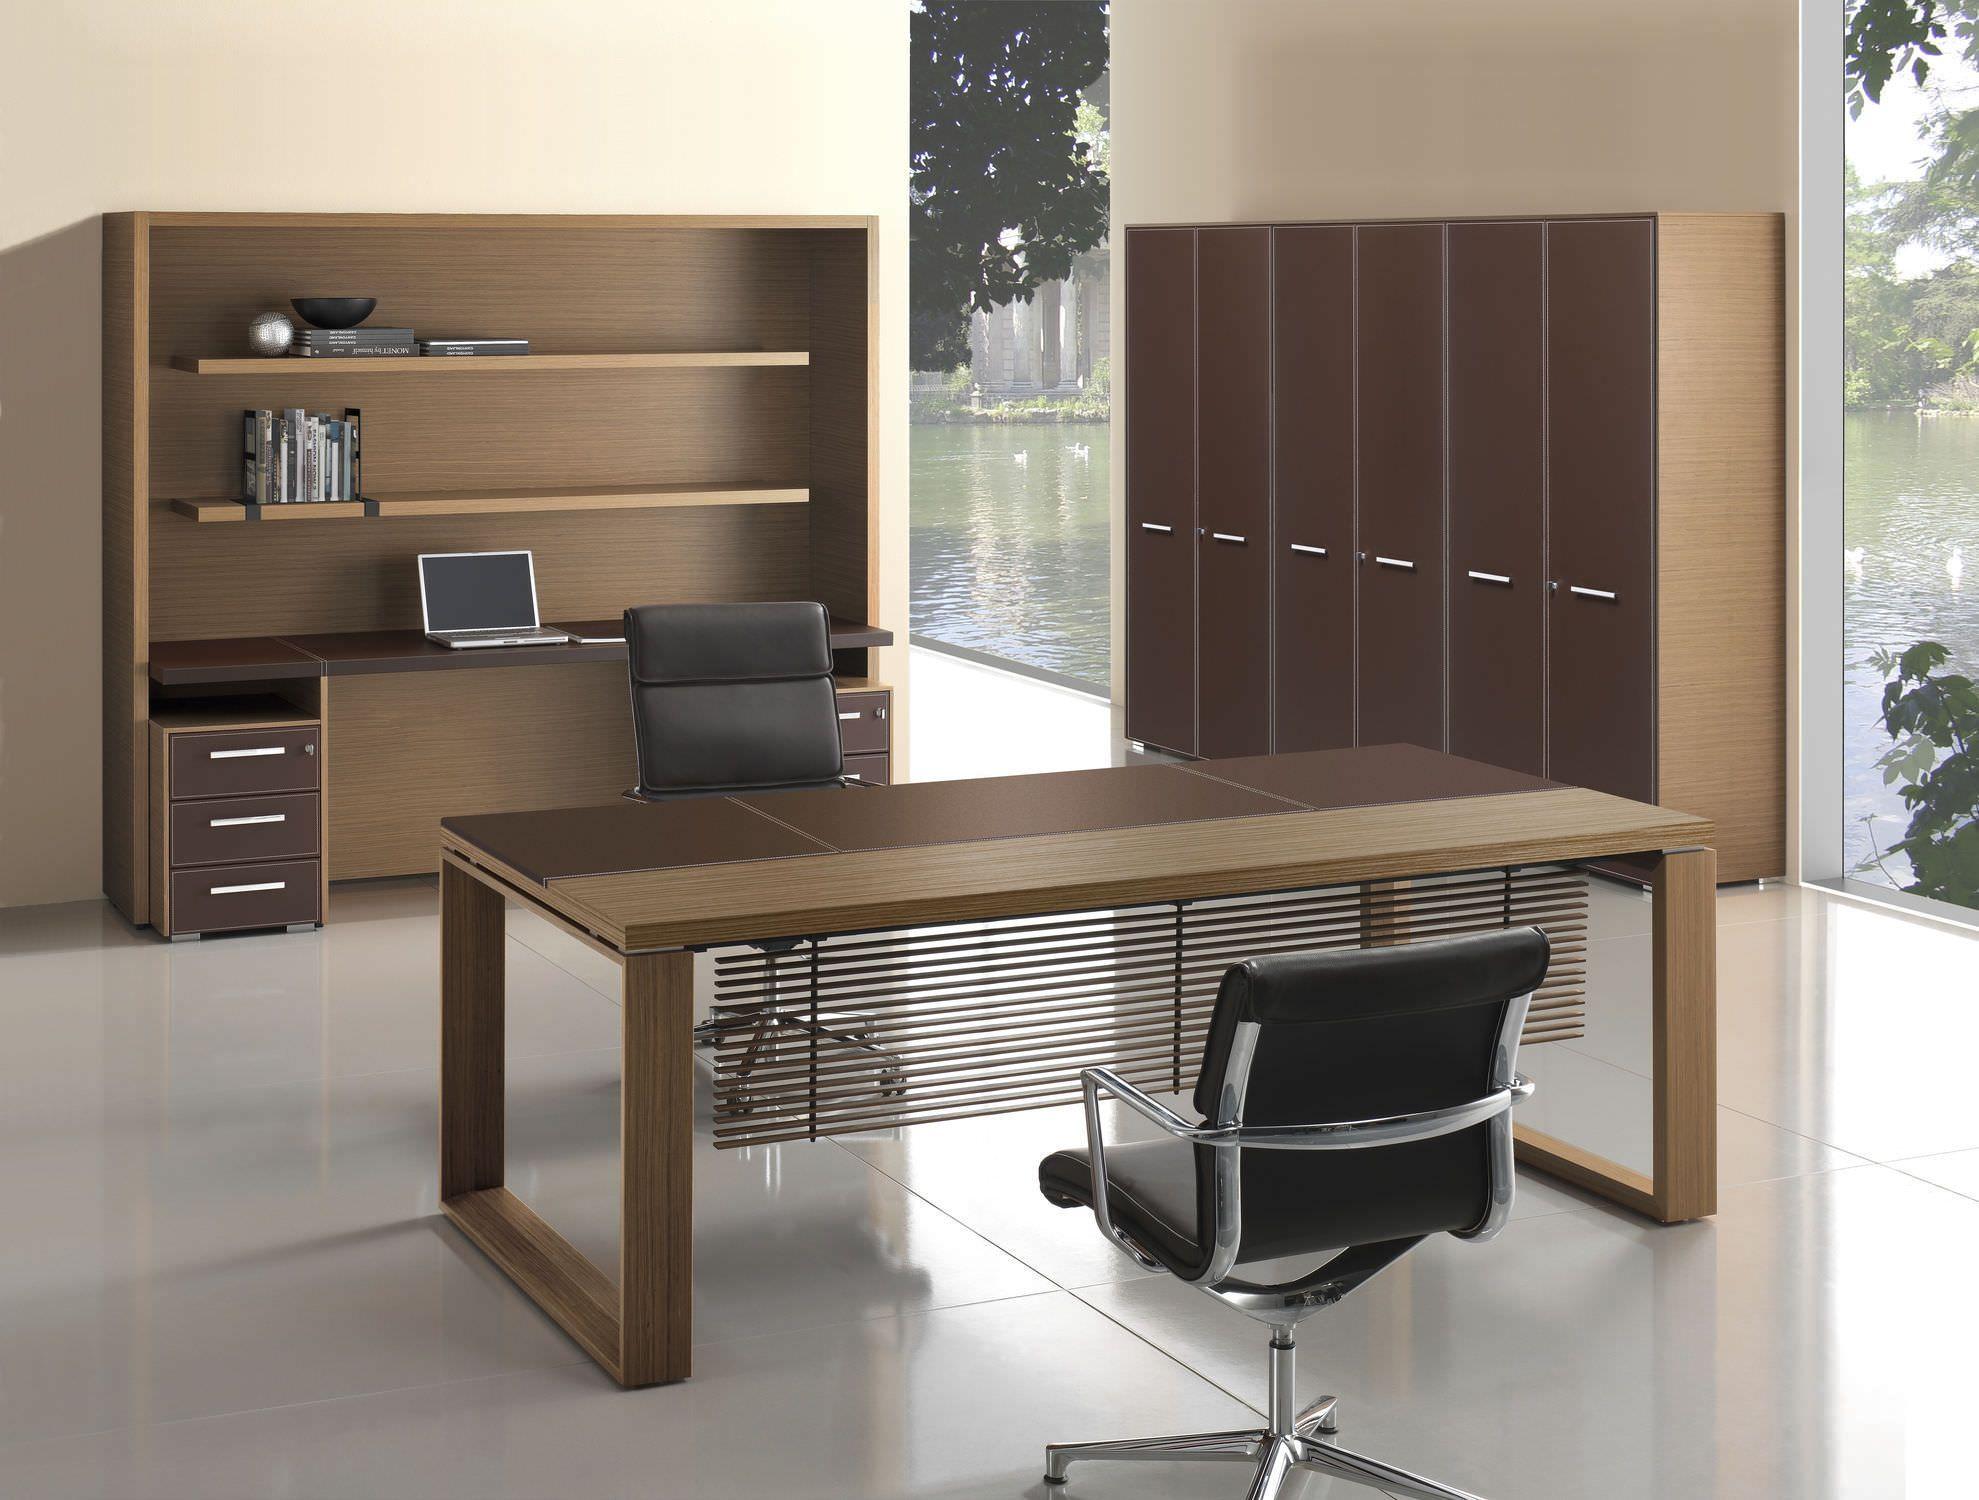 Escritorio De Director Moderno Arche Bralco Diseño De Mobiliario De Oficina Muebles De Oficina Ejecutiva Decorar Oficinas En Casa